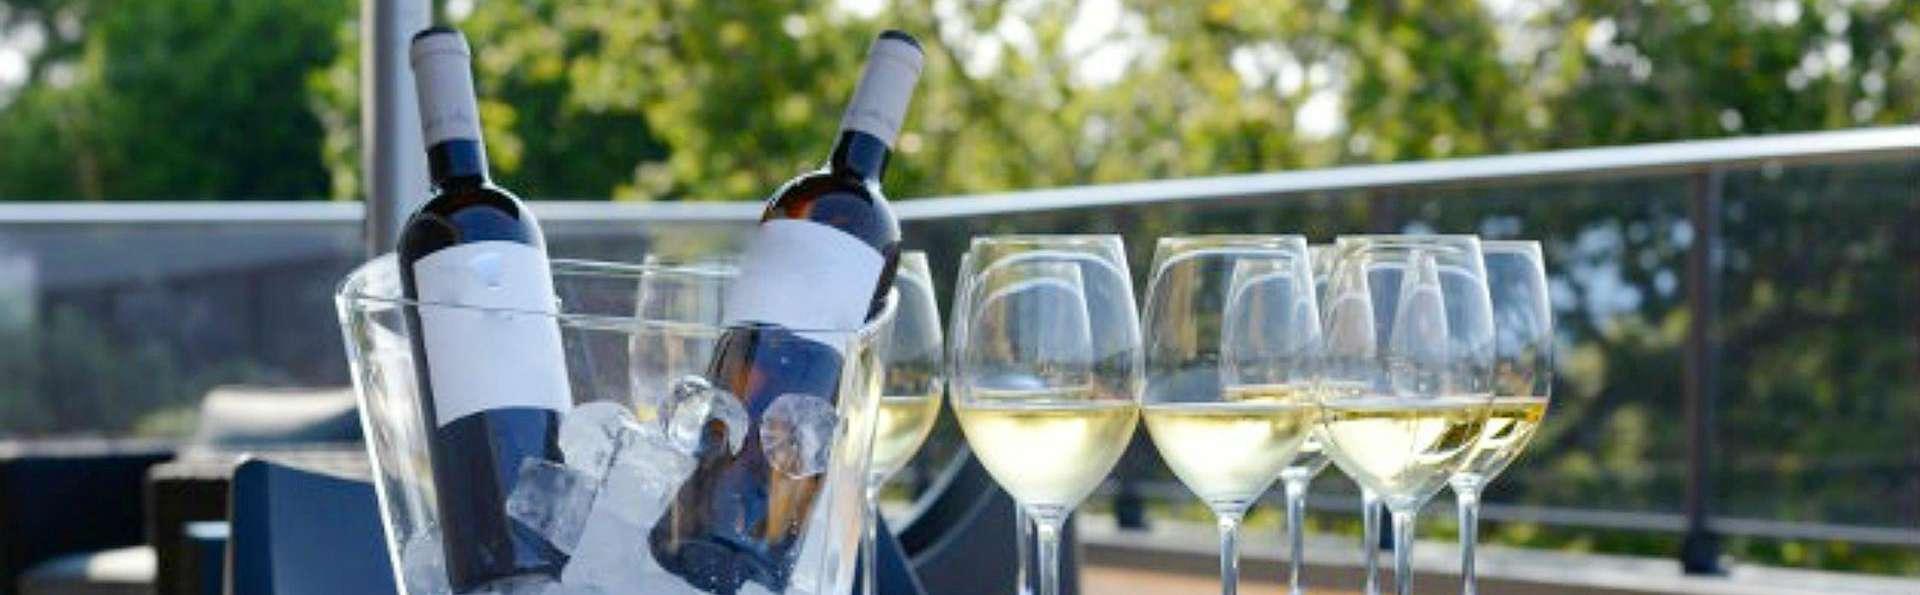 Wijnuitstap met proeverij en bezoek aan het wijngoed